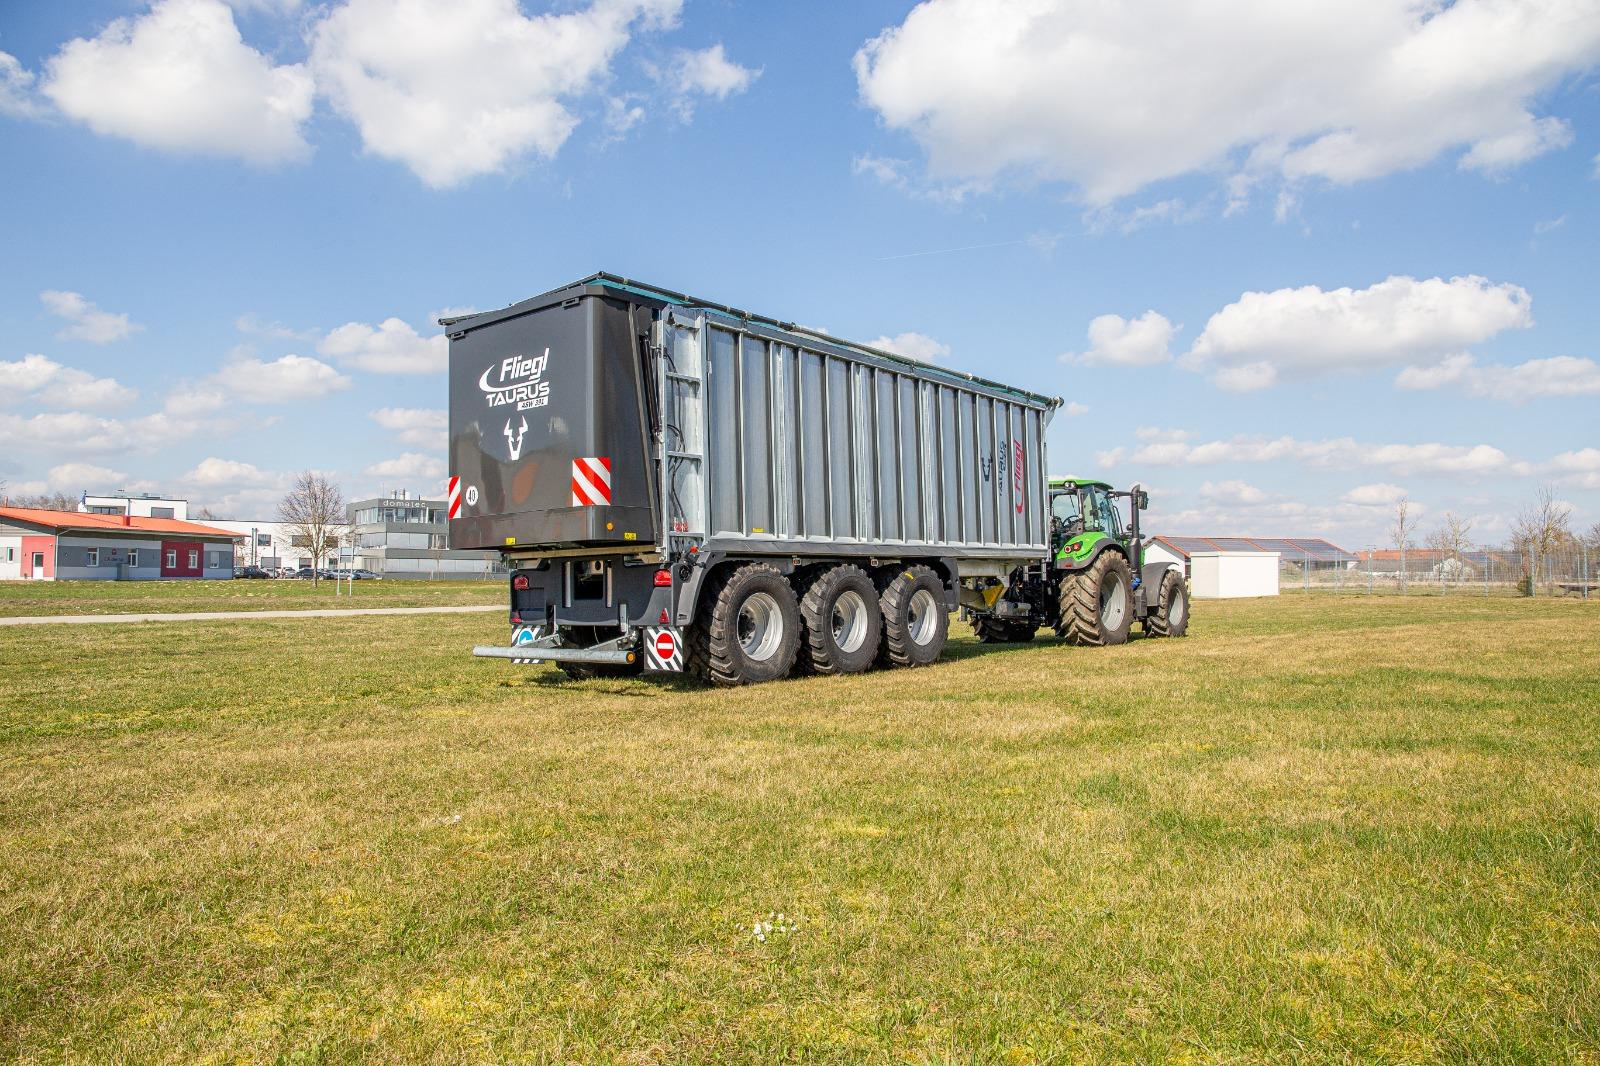 Fliegl brengt pure transportwagen uit